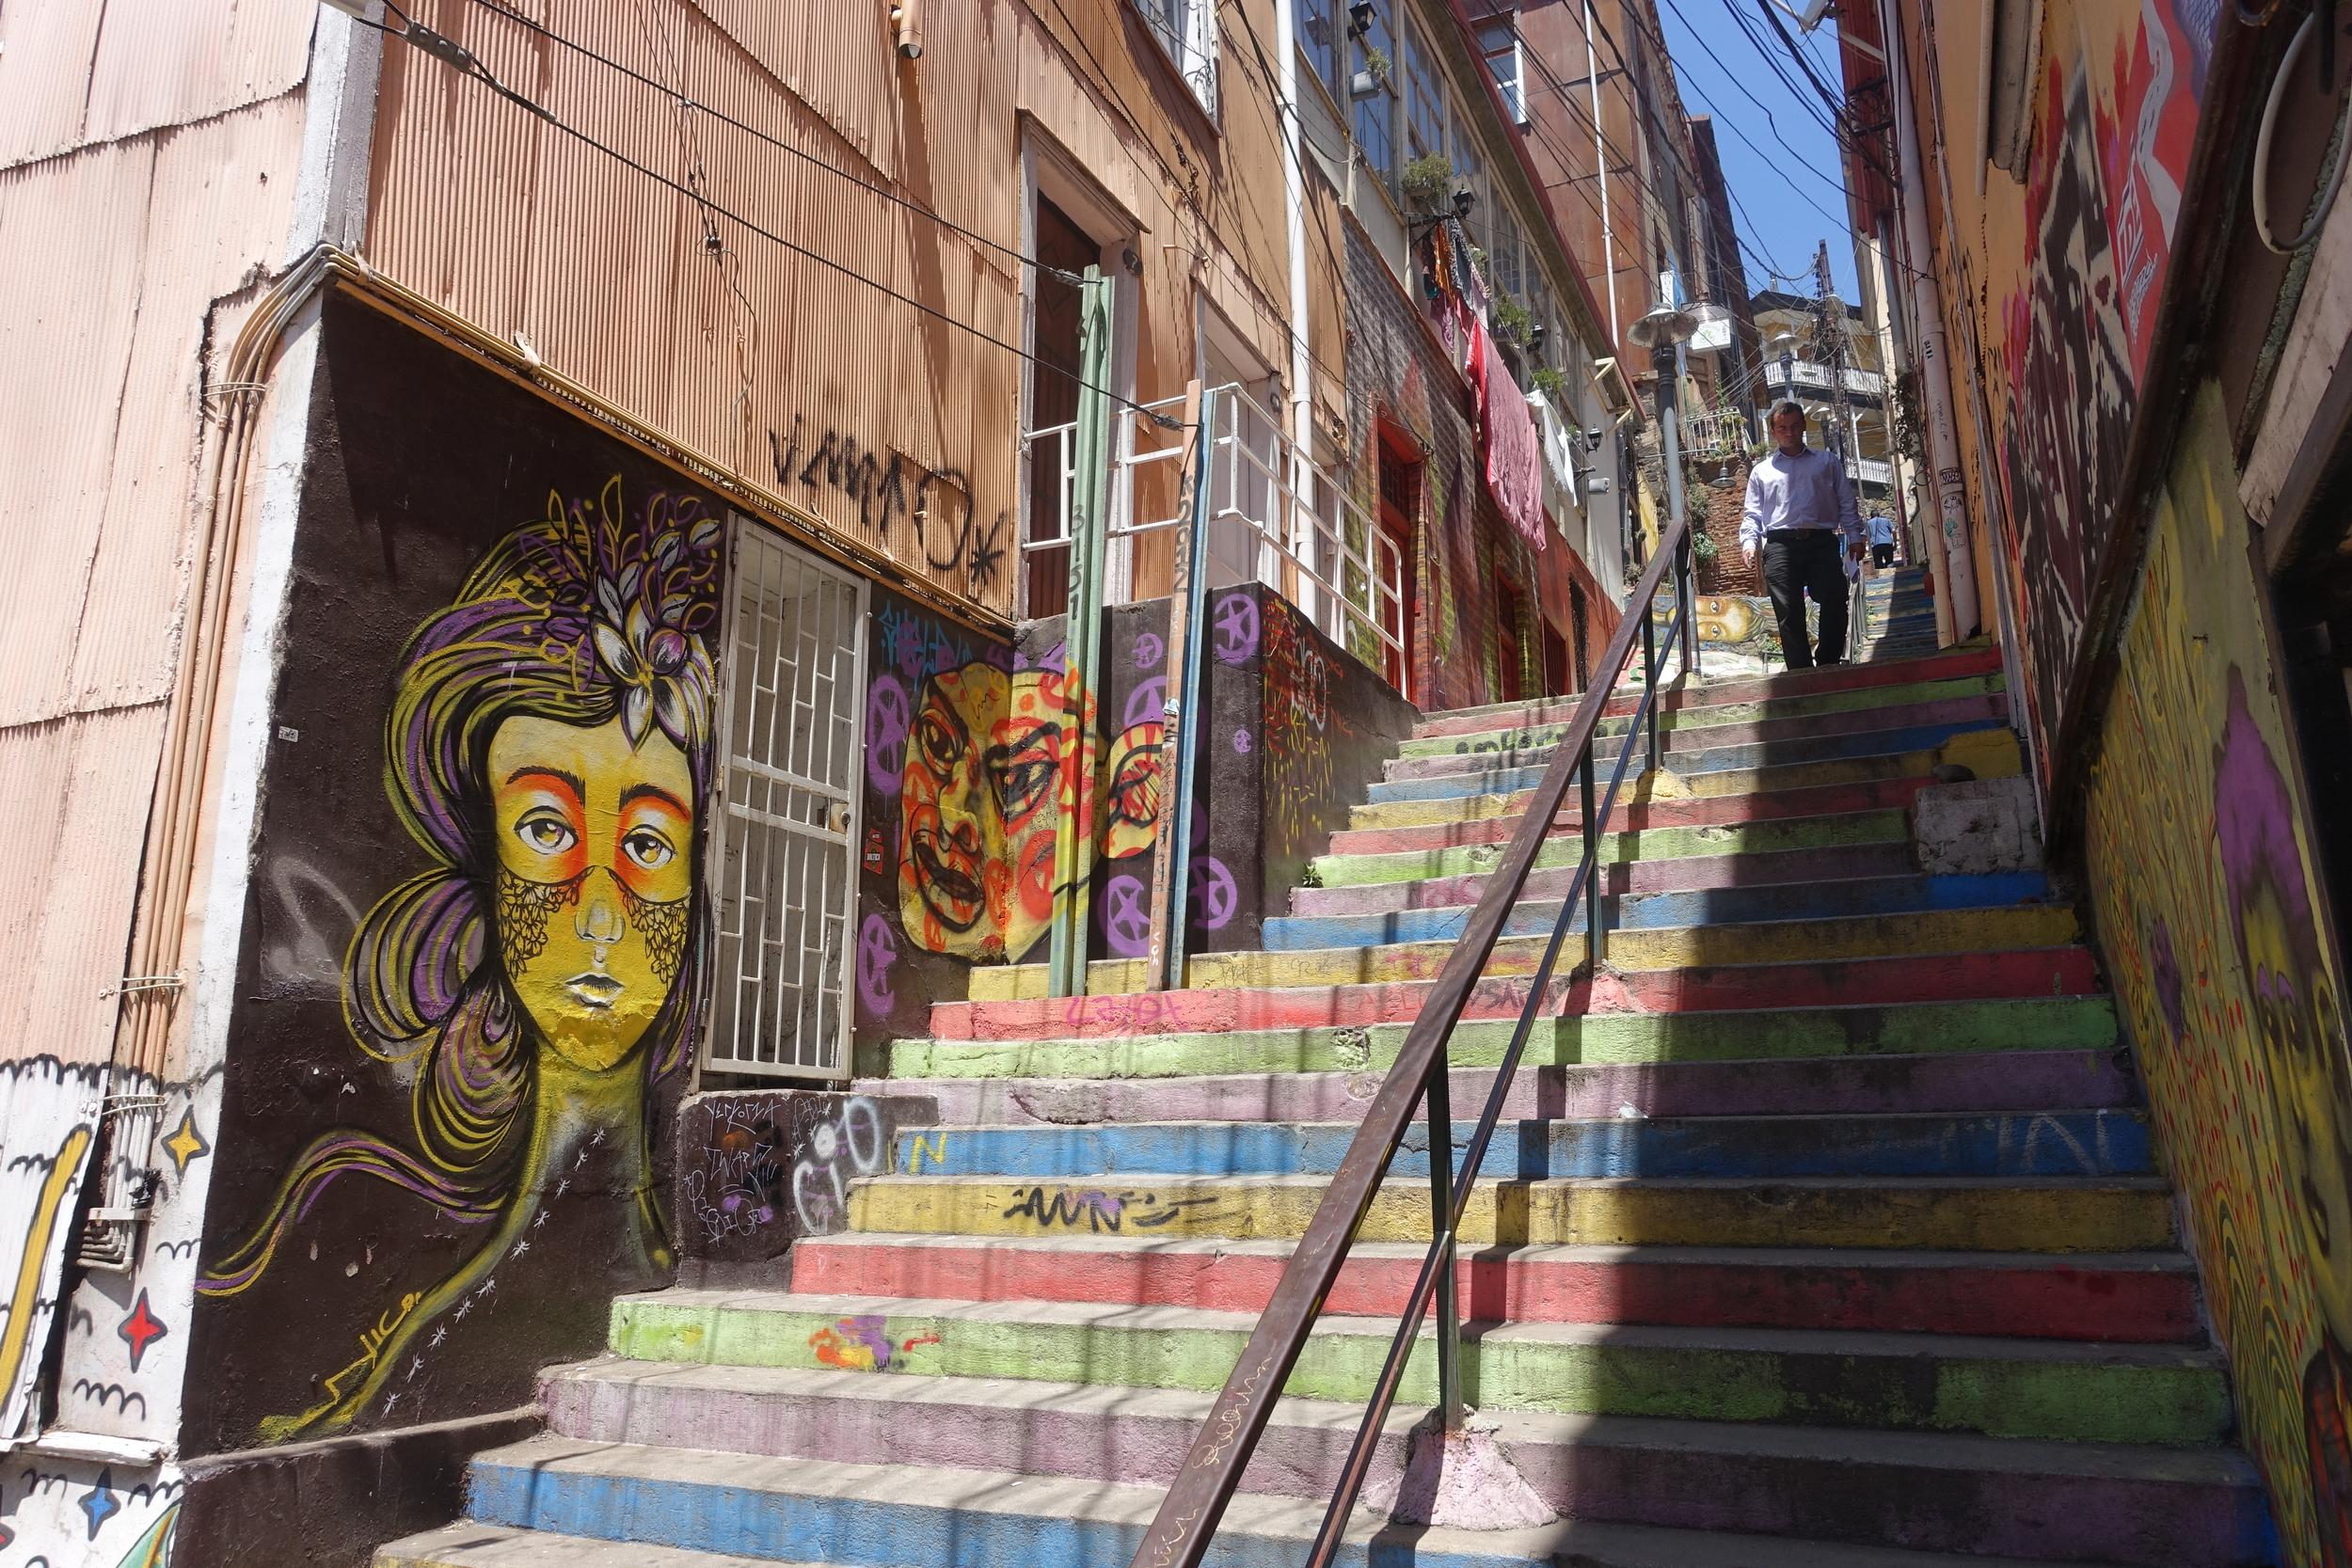 Street Mural - Vaparaiso